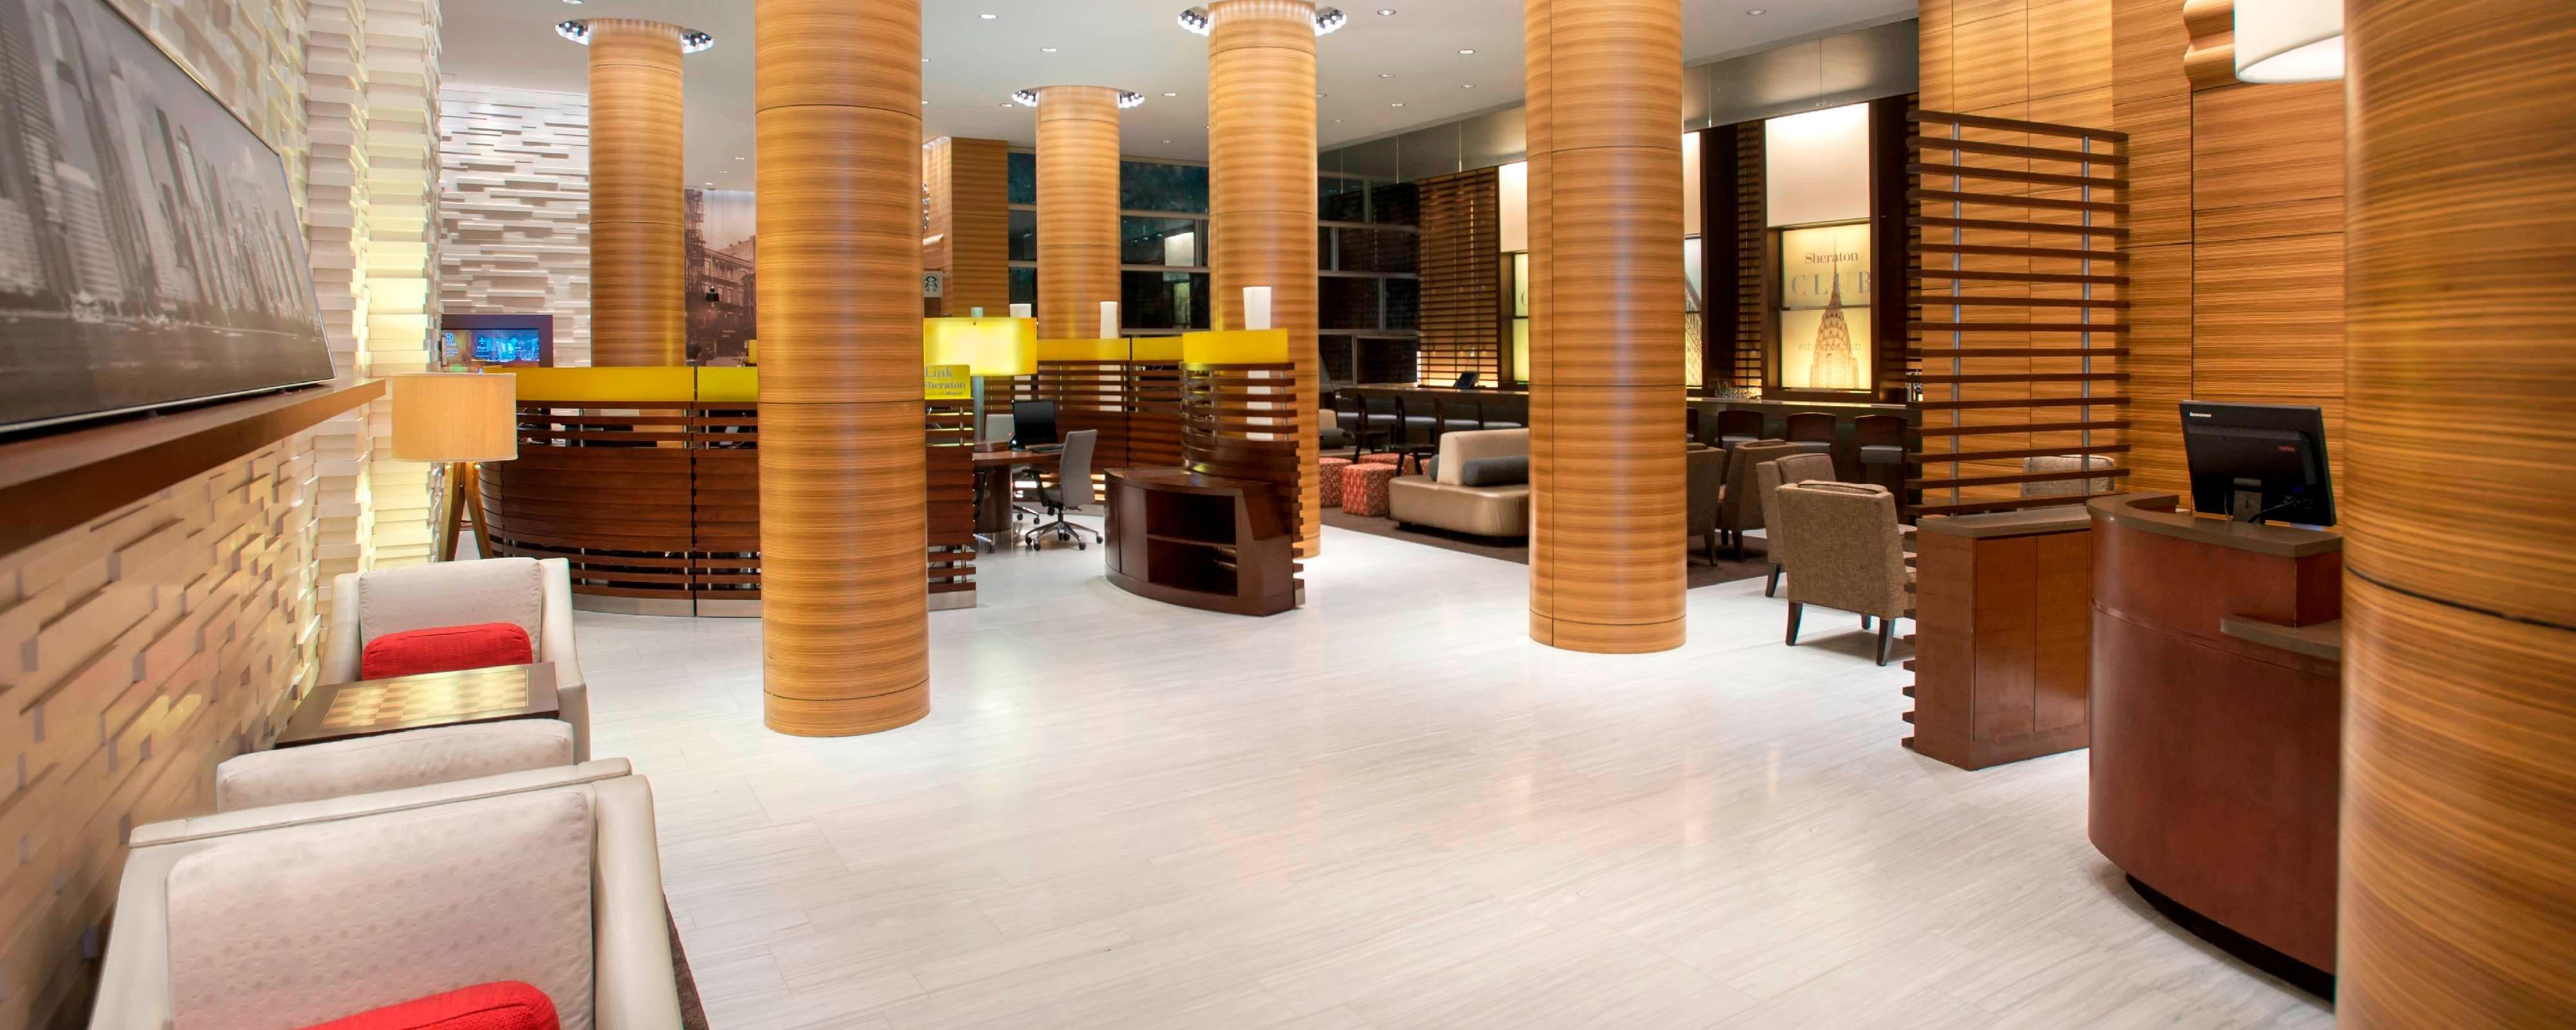 sheraton tribeca new york hotel new york spg